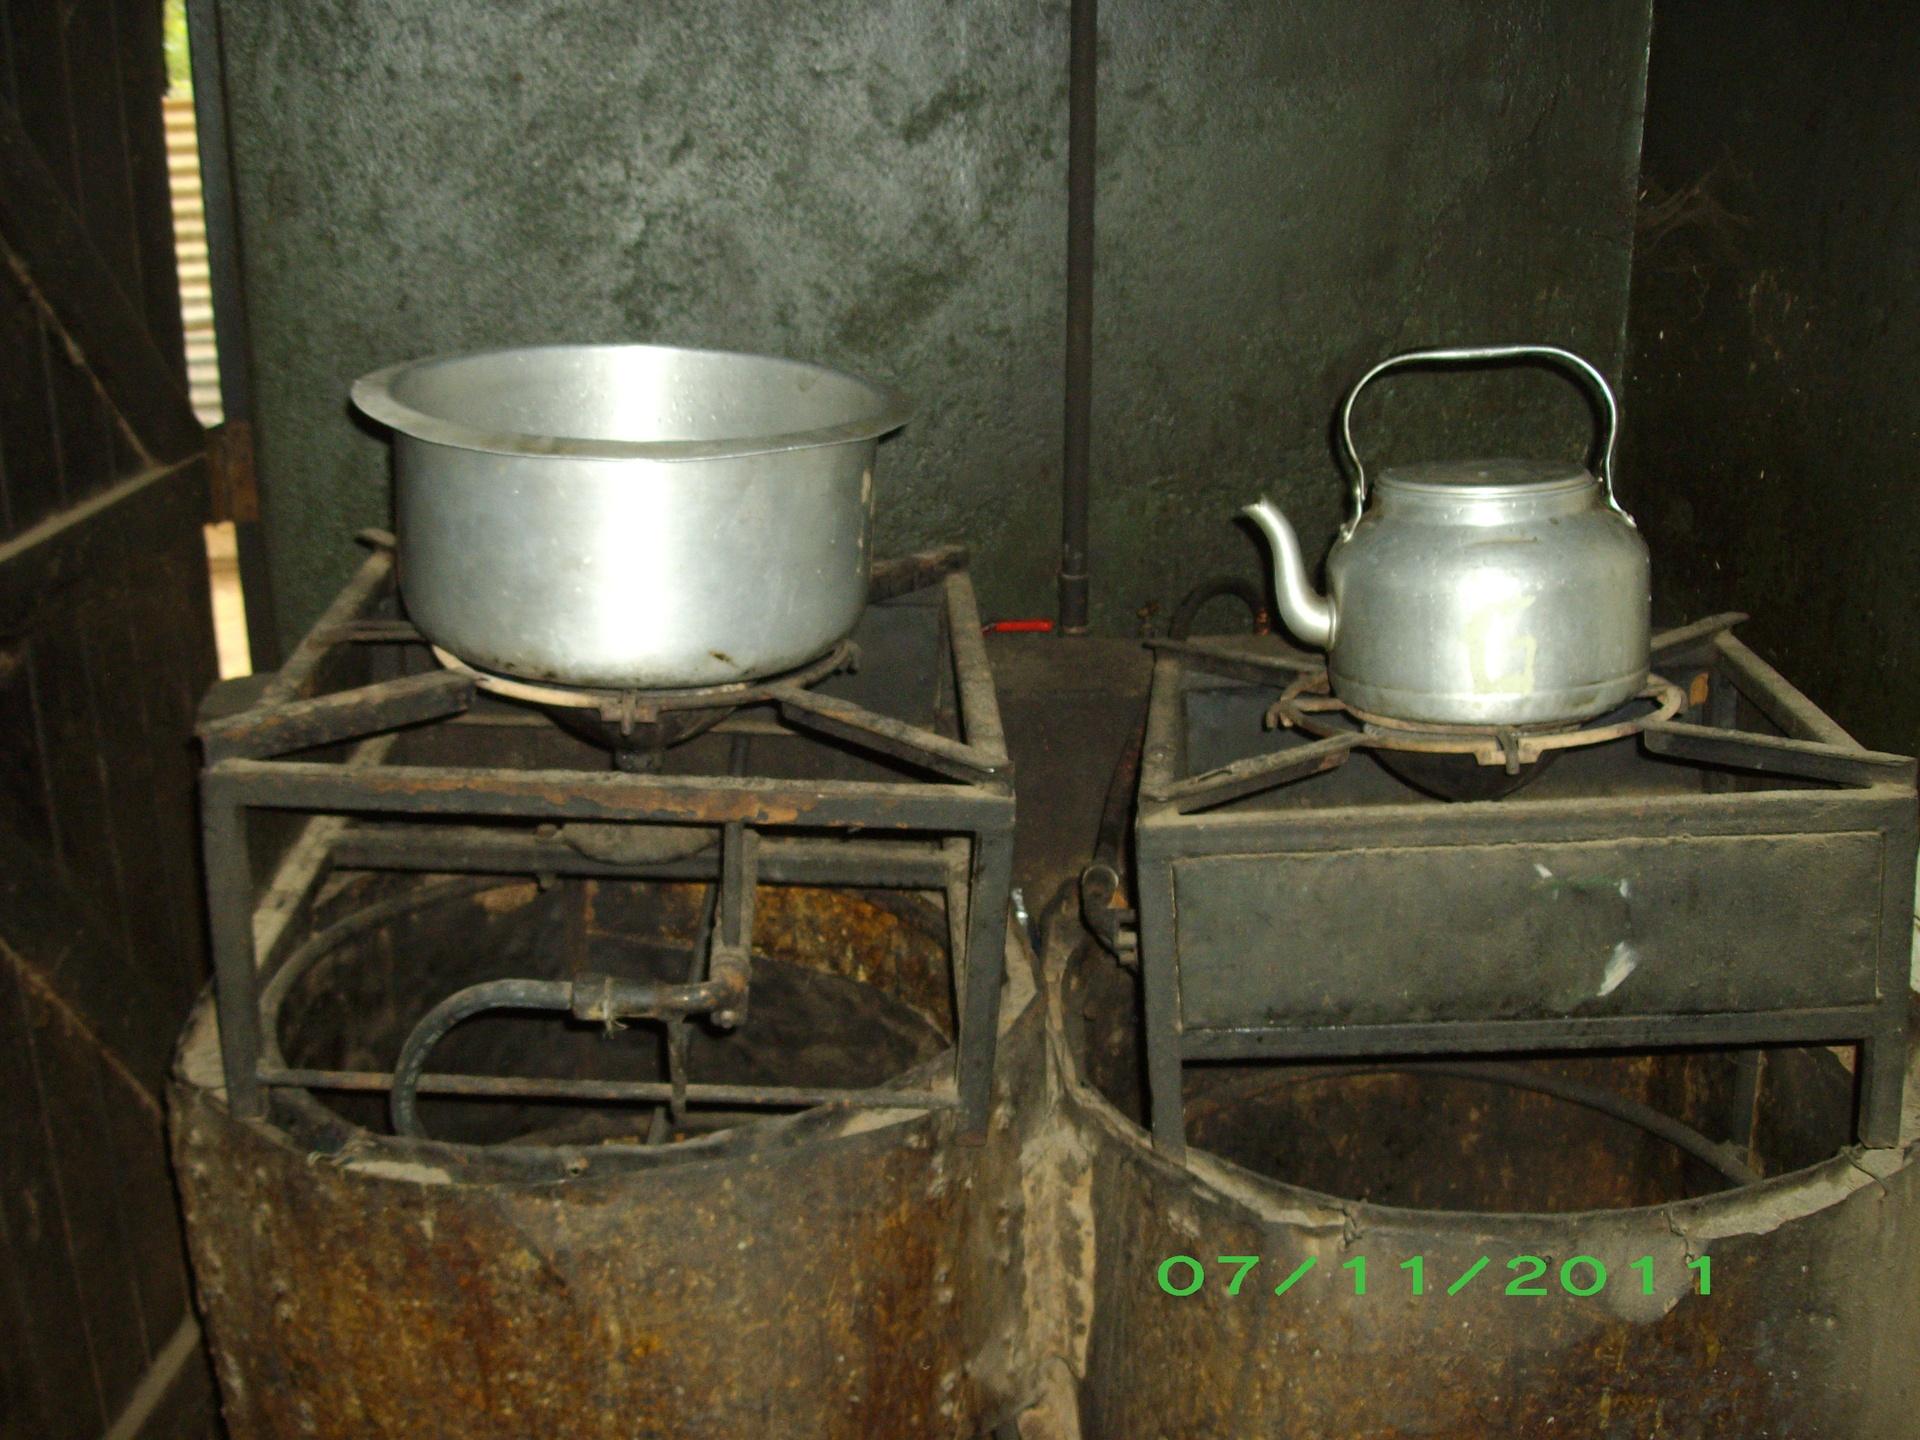 Biogas stoves